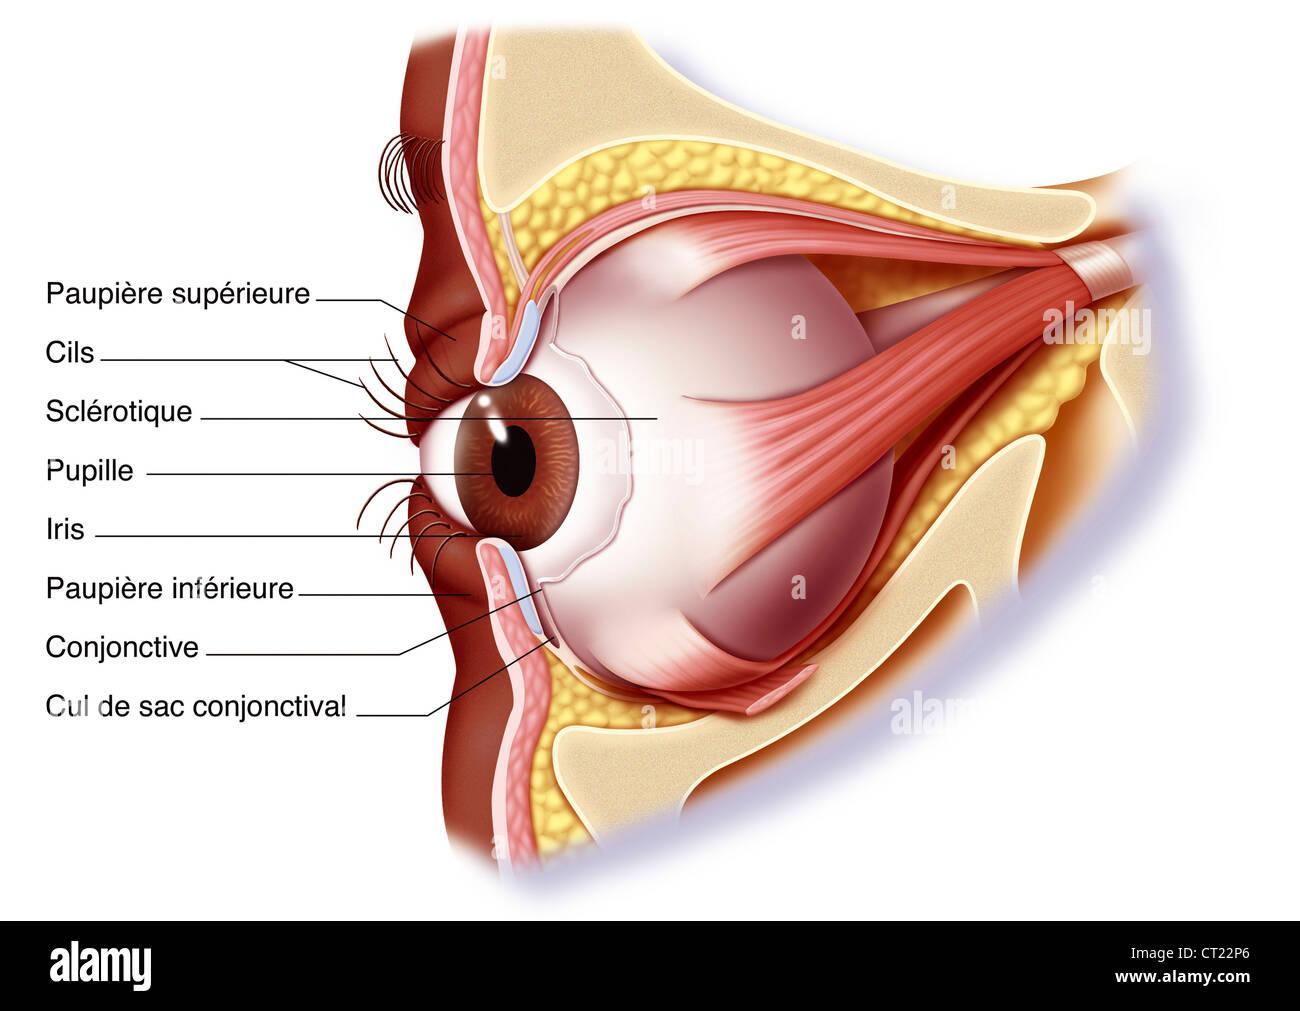 Upper Eyelid Stock Photos & Upper Eyelid Stock Images - Alamy